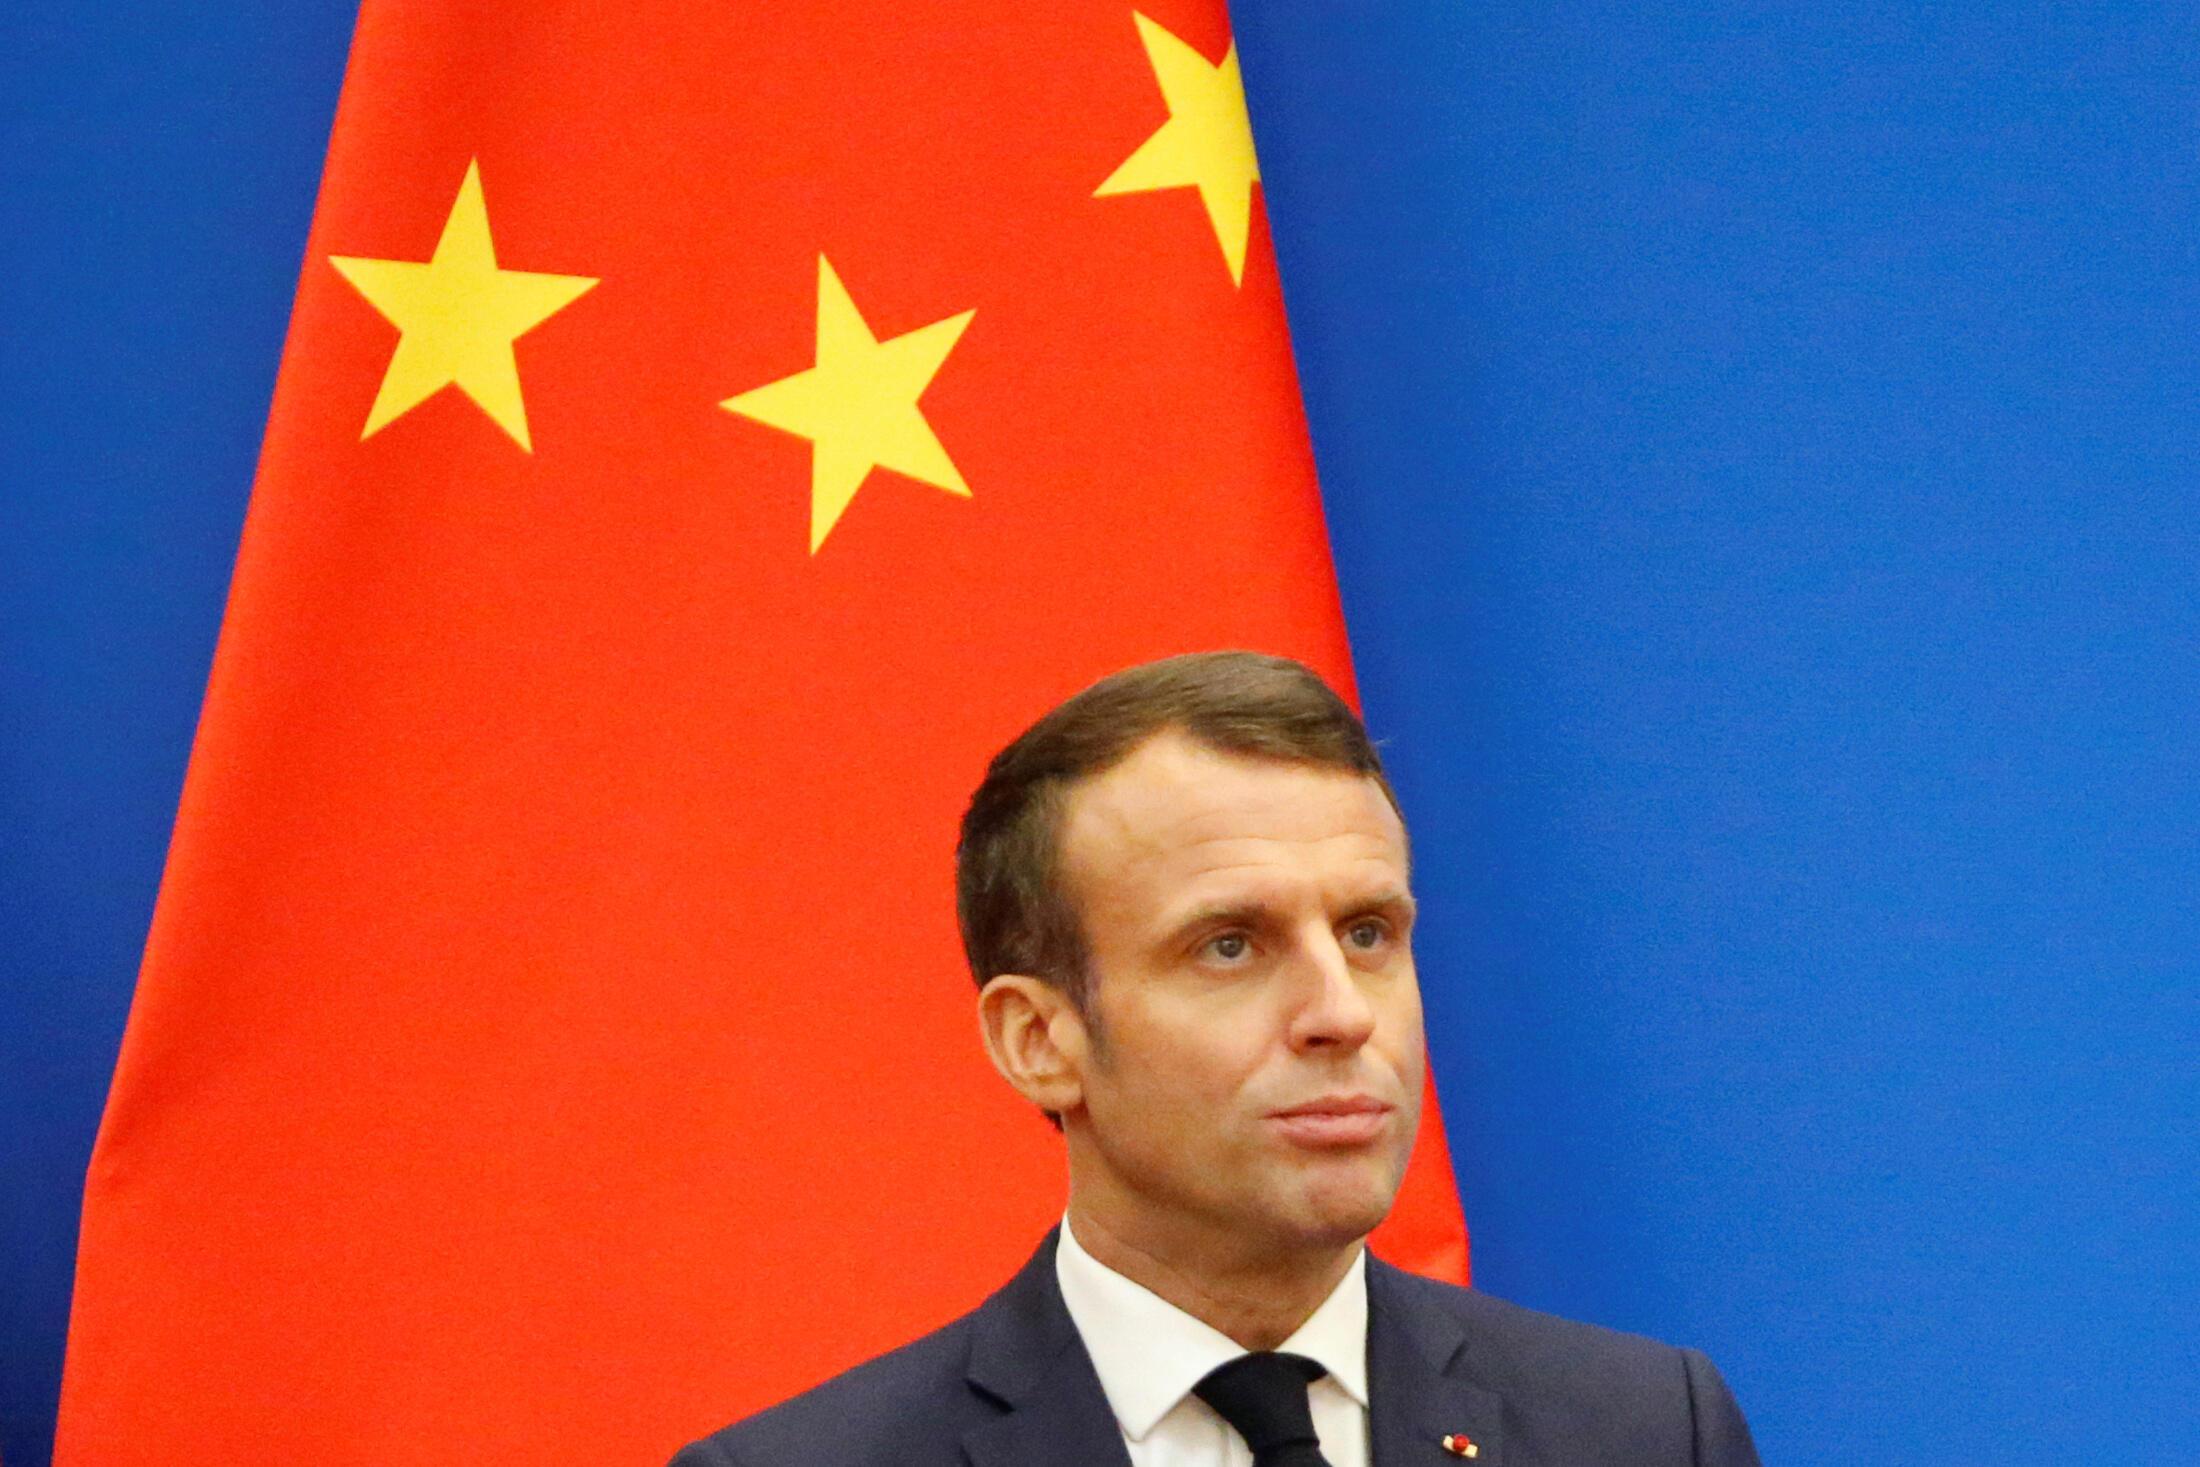 Tổng thống Pháp Emmanuel Macron phát biểu tại Diễn đàn kinh tế Trung-Pháp, Bắc Kinh, Trung Quốc, ngày 06/11/2019